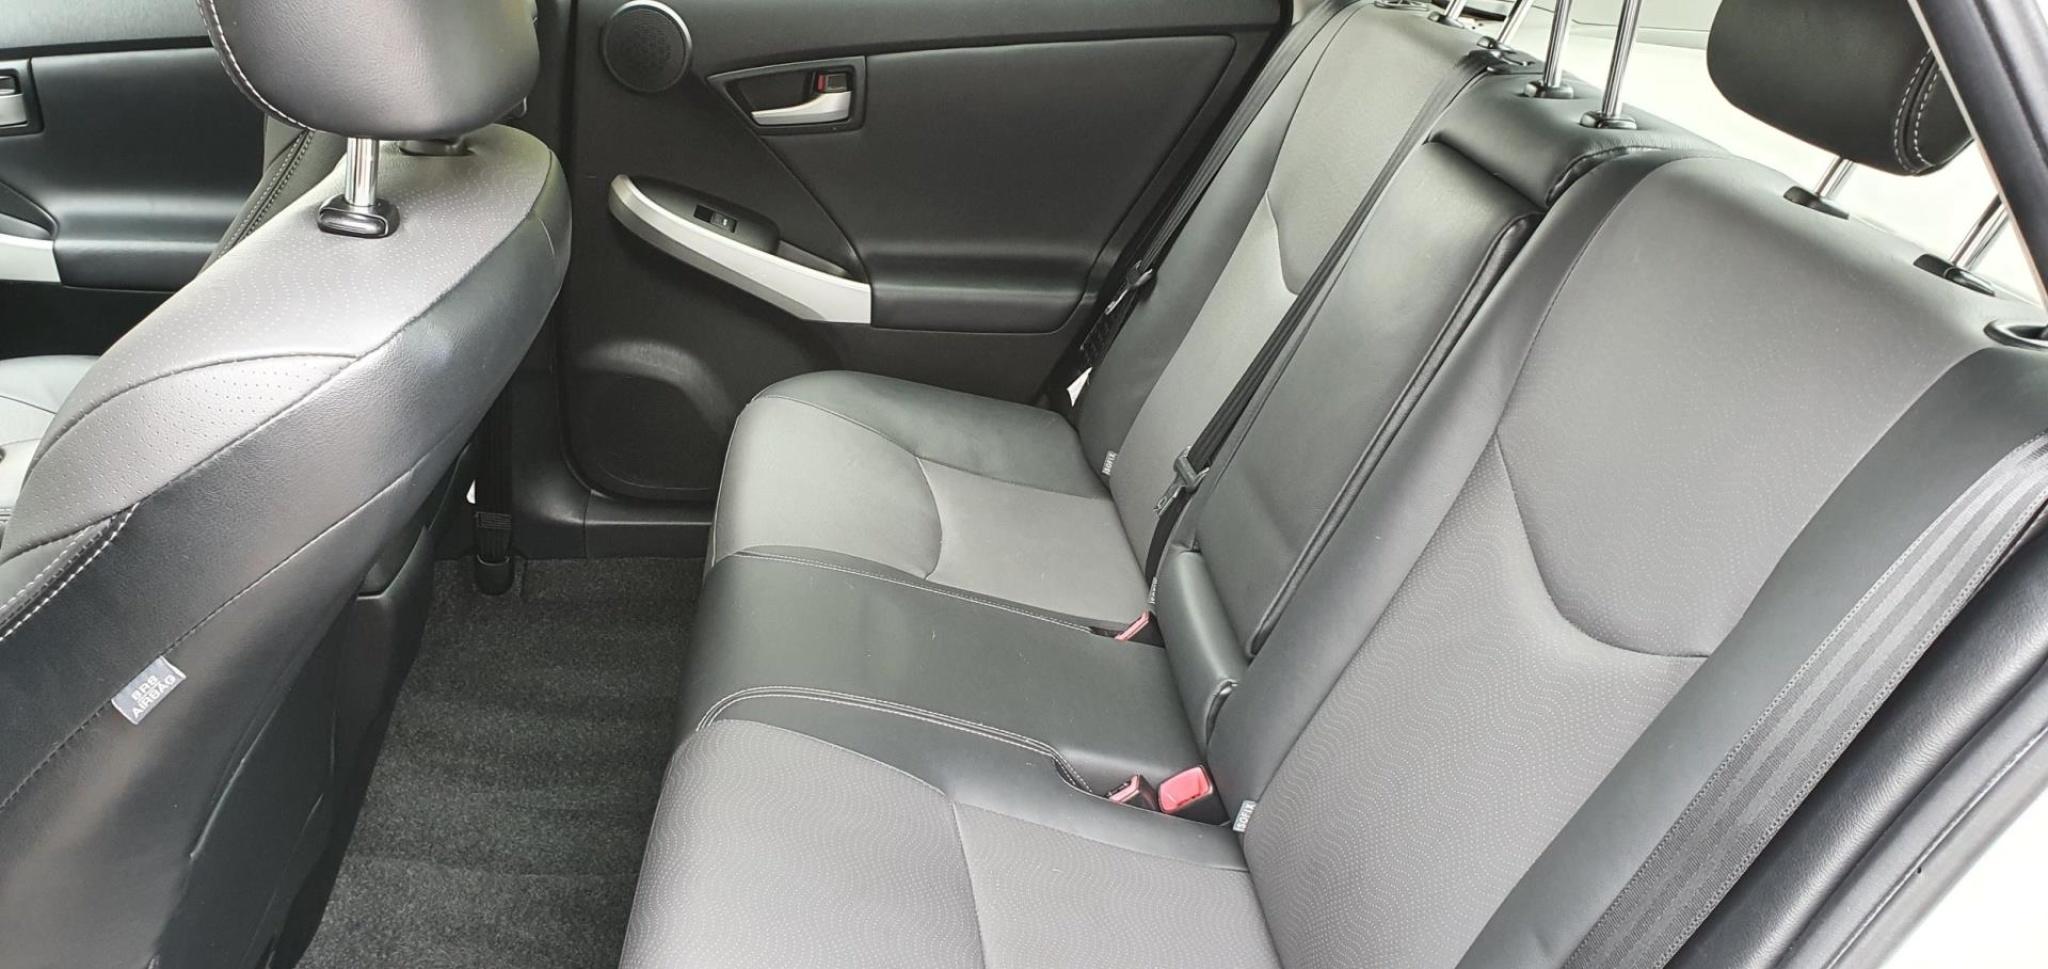 Toyota-Prius-11